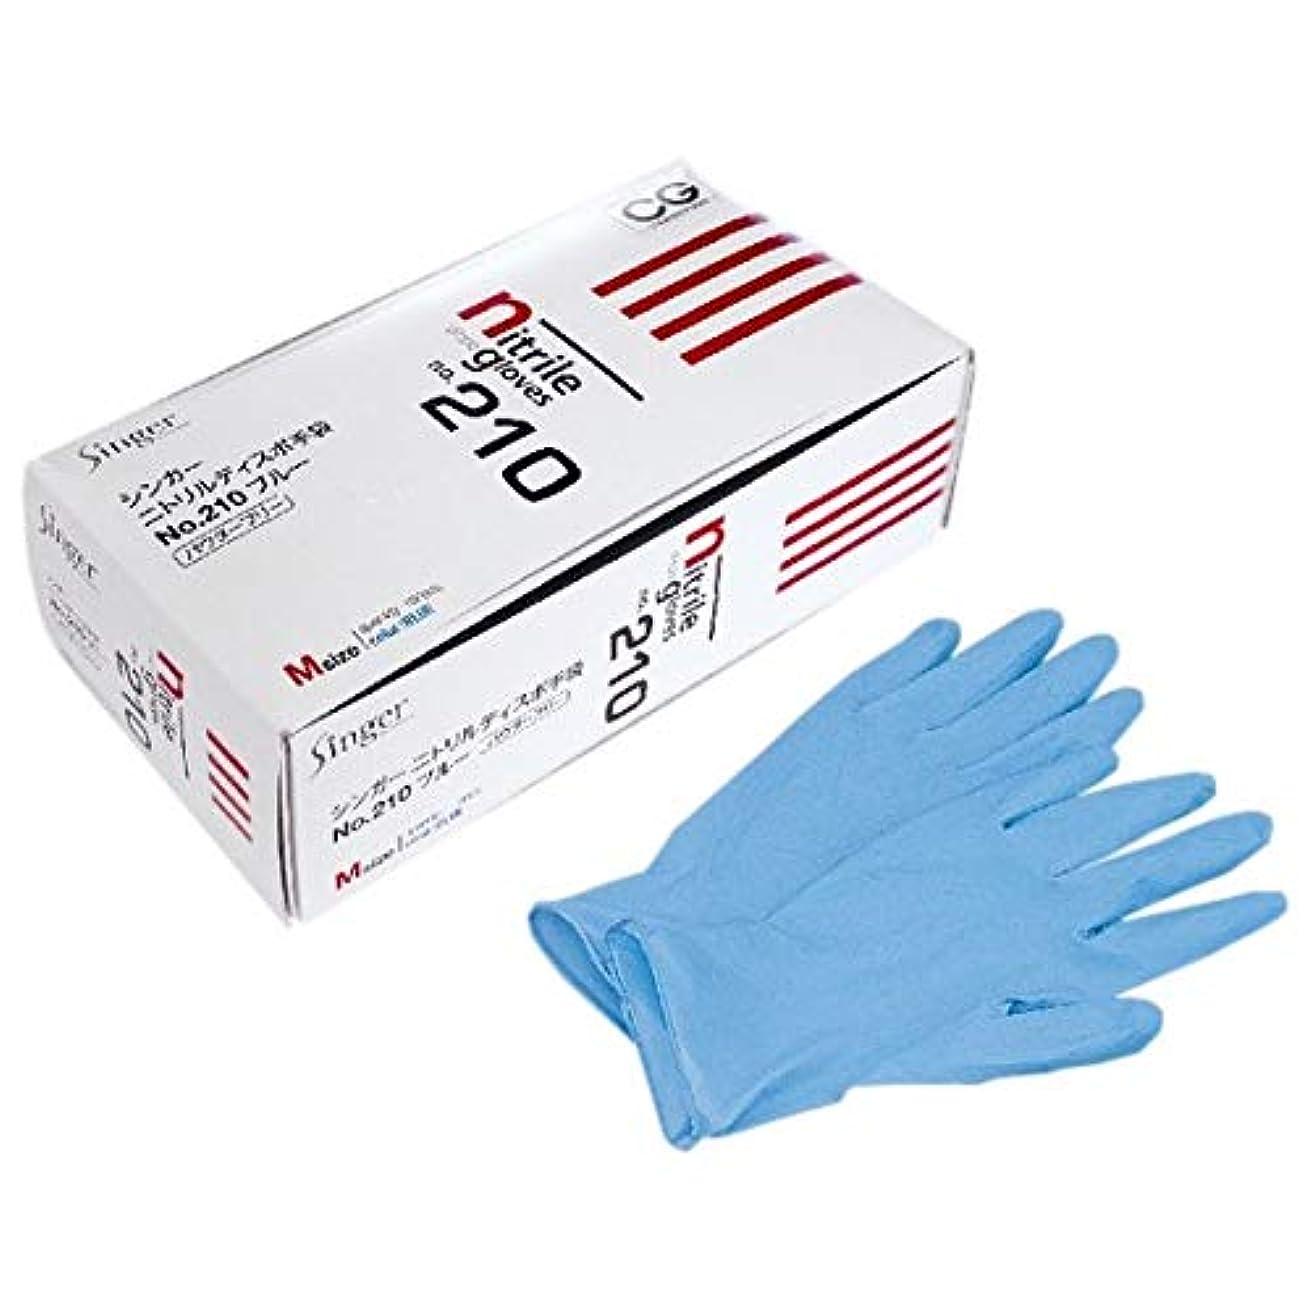 シンガーニトリルディスポ手袋 No.210 青 パウダーフリー SSサイズ 100枚×20箱入